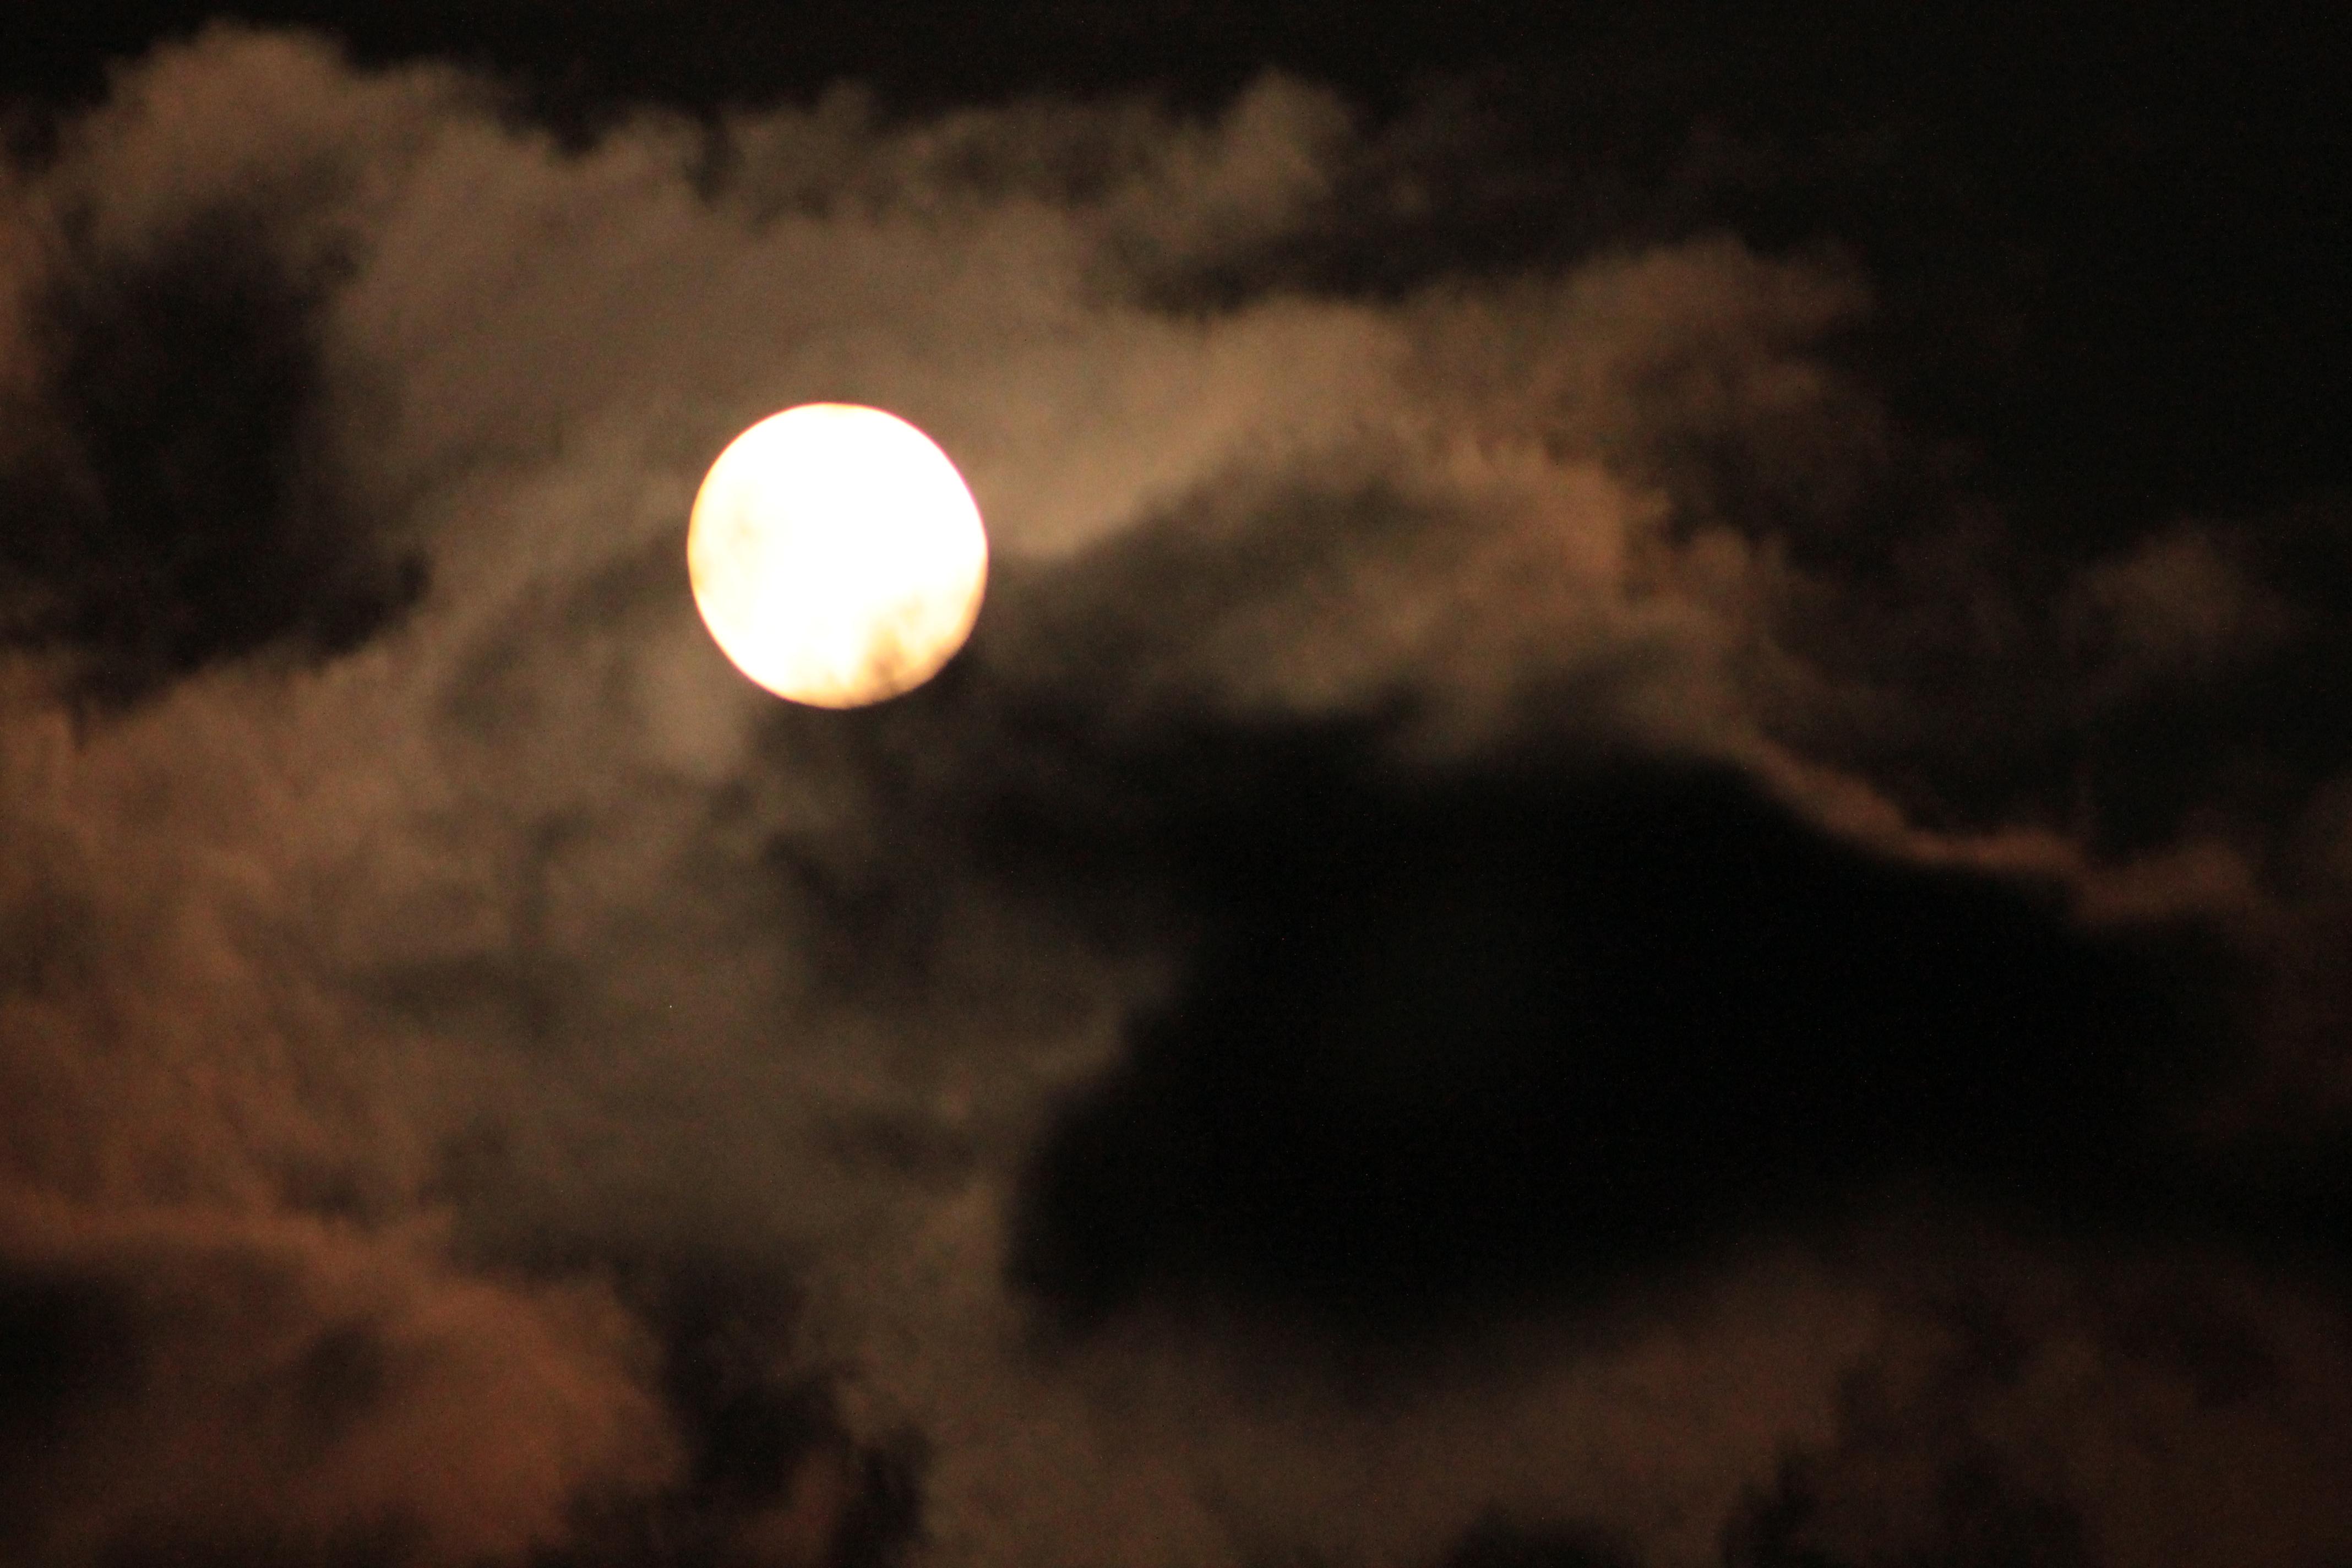 Full Harvest Moon 9-18-2013 | The Amber Light's Blog